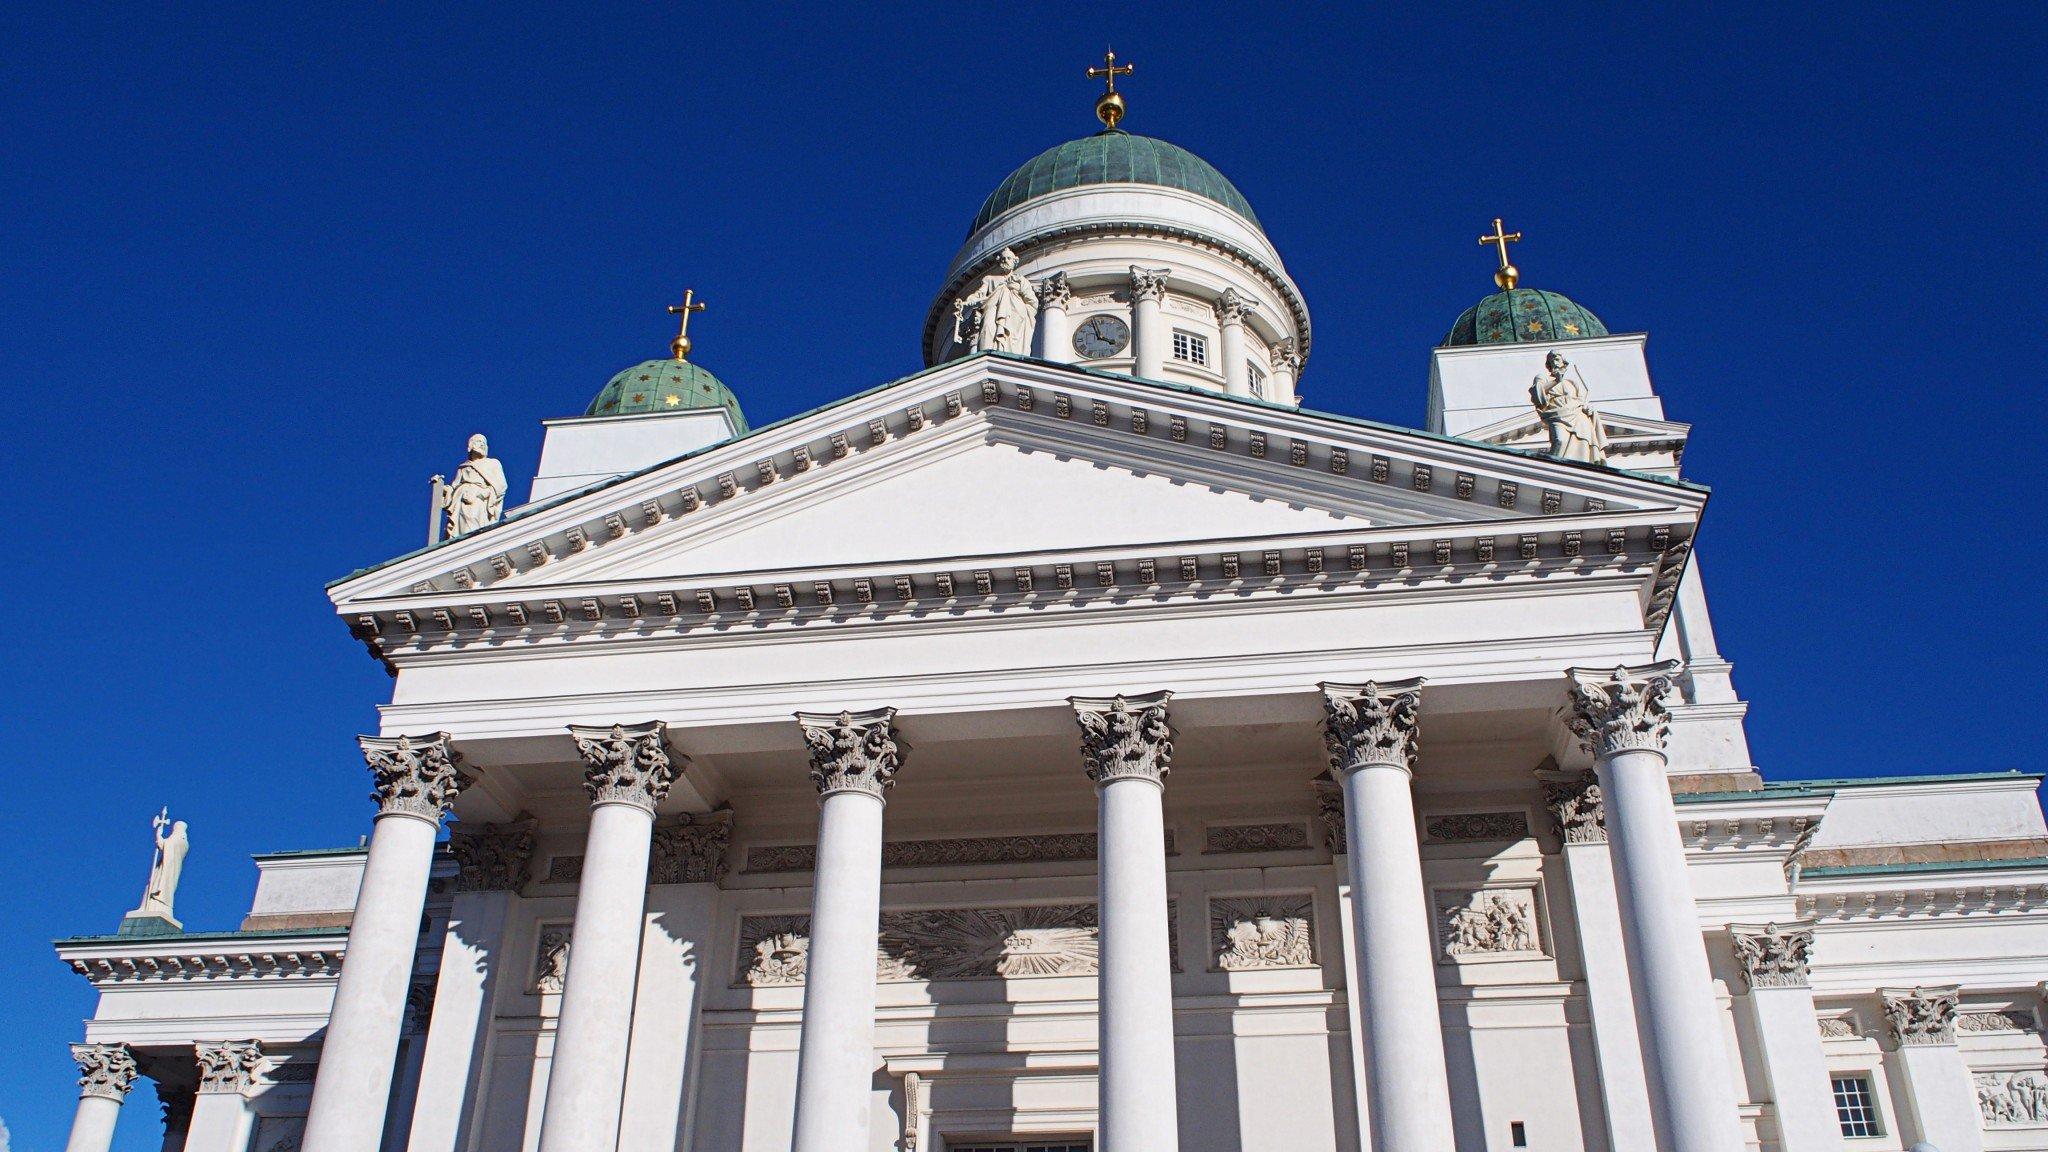 5 nizza - Wikipedia 5 nizza - Posts Facebook 5 Nizza / Vilnius /.25 - Baltic App